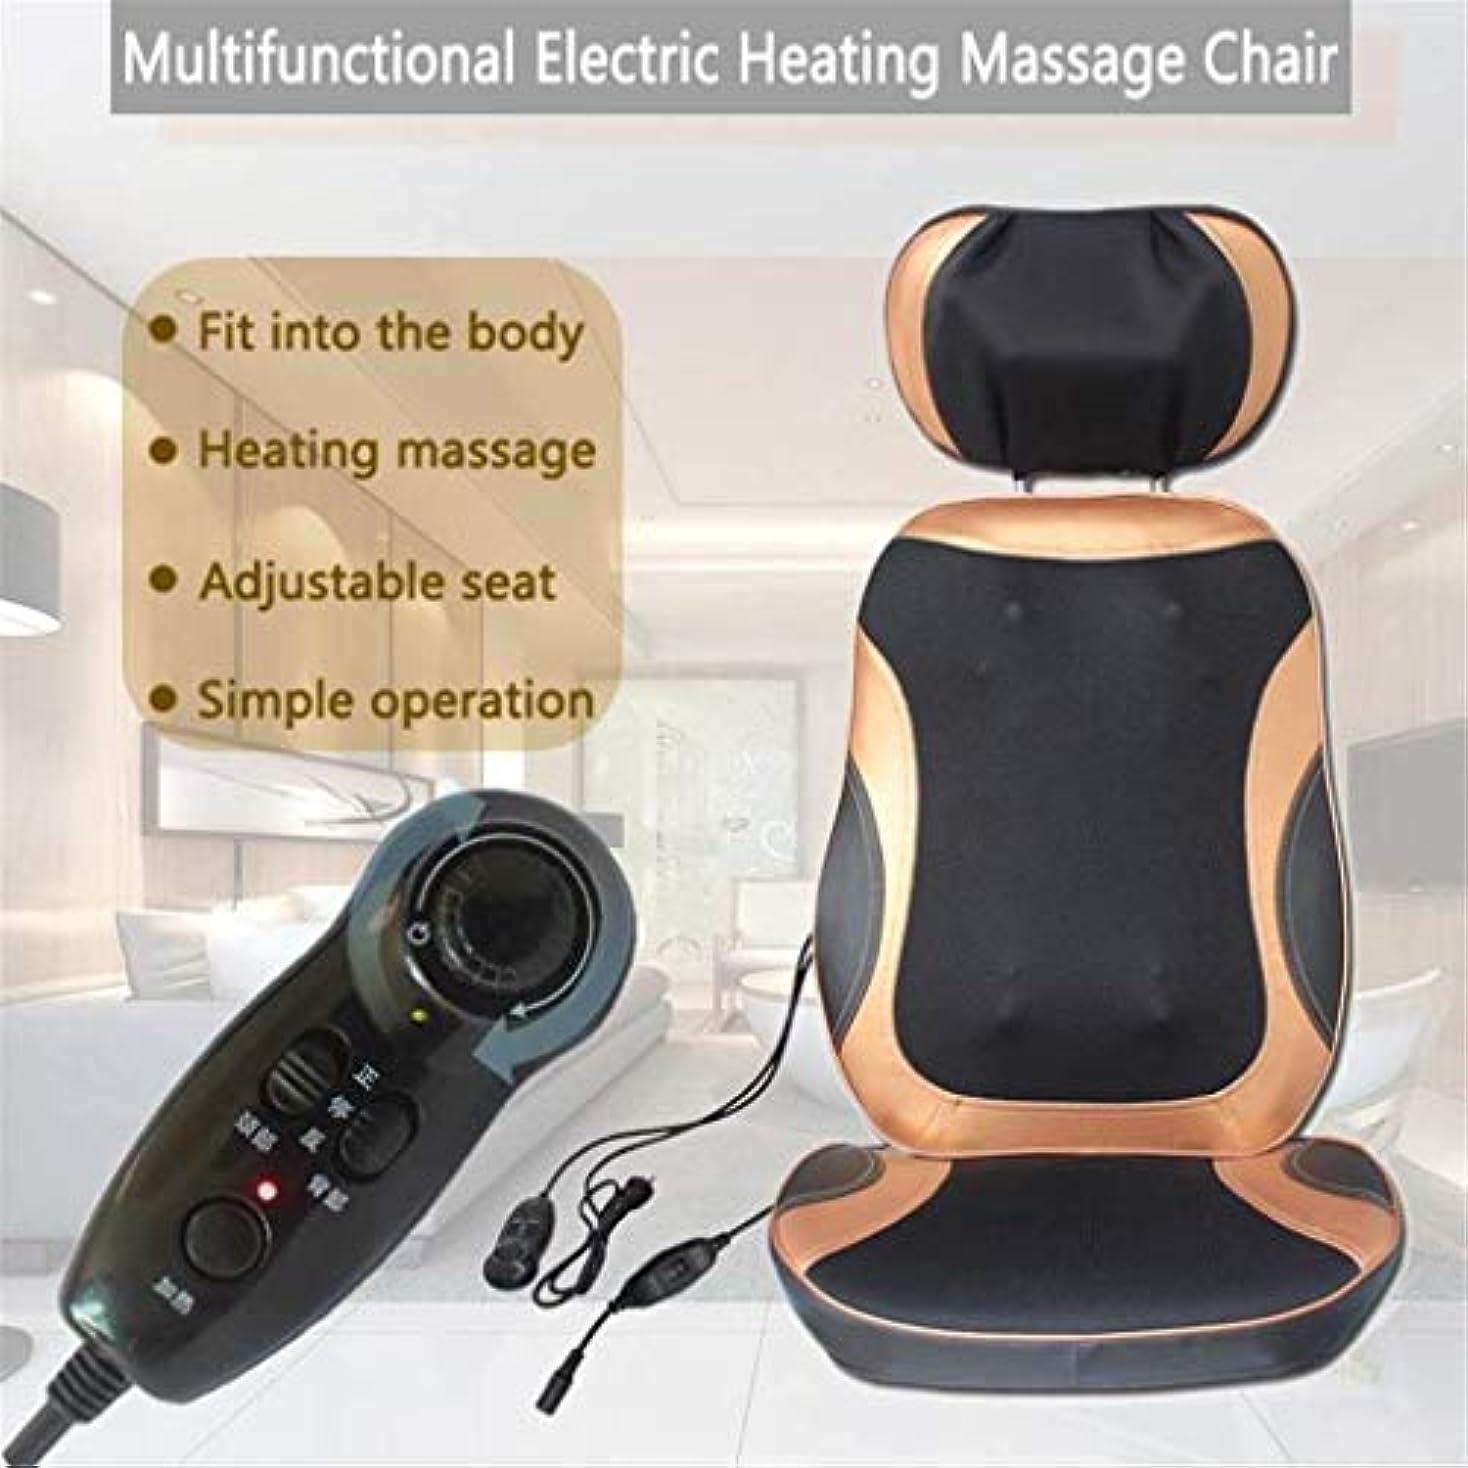 キモいグラフ大理石多機能マッサージクッション、電動フルボディマッサージチェア、振動頚部枕首、血液循環の促進、ストレス/痛みの緩和、ホームオフィス